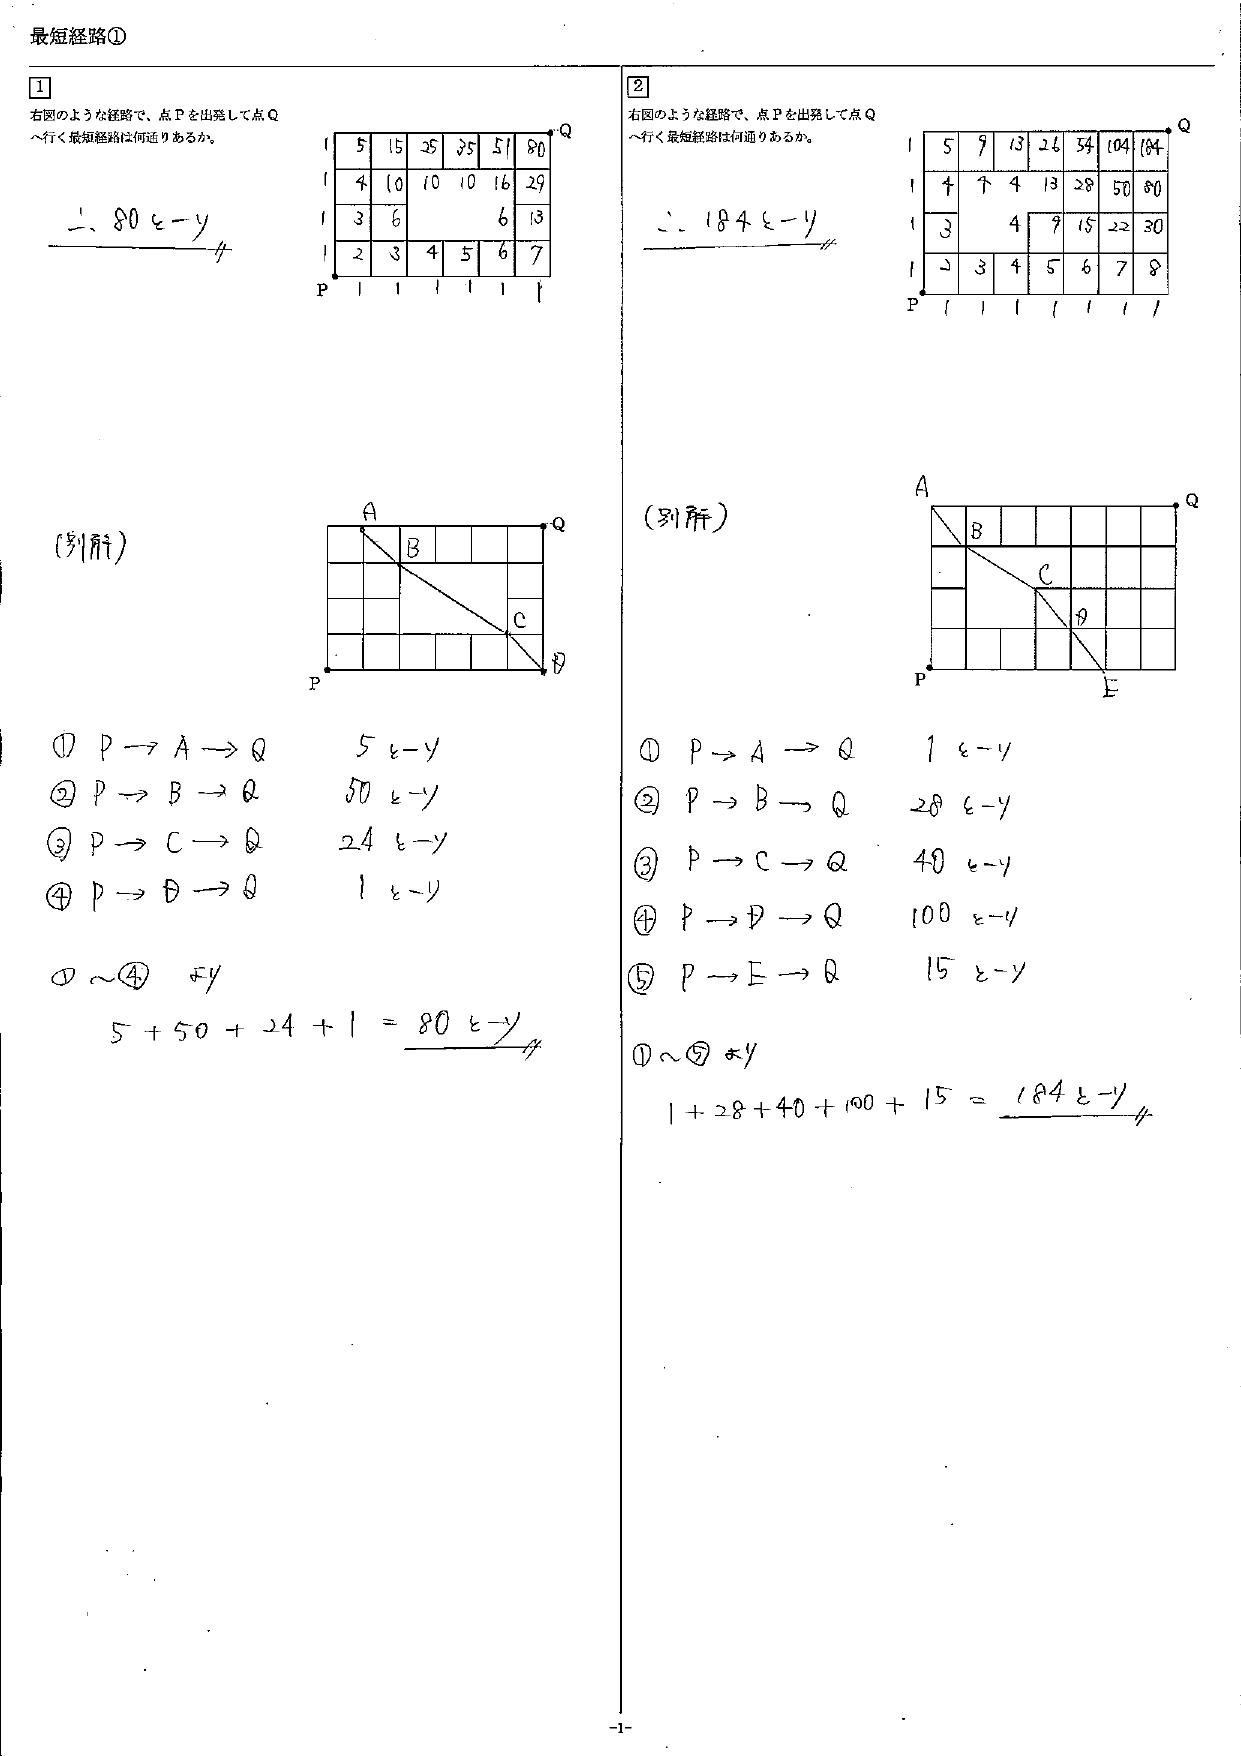 最短経路 場合の数 確率 まとめ 一覧 問題 解答 公式